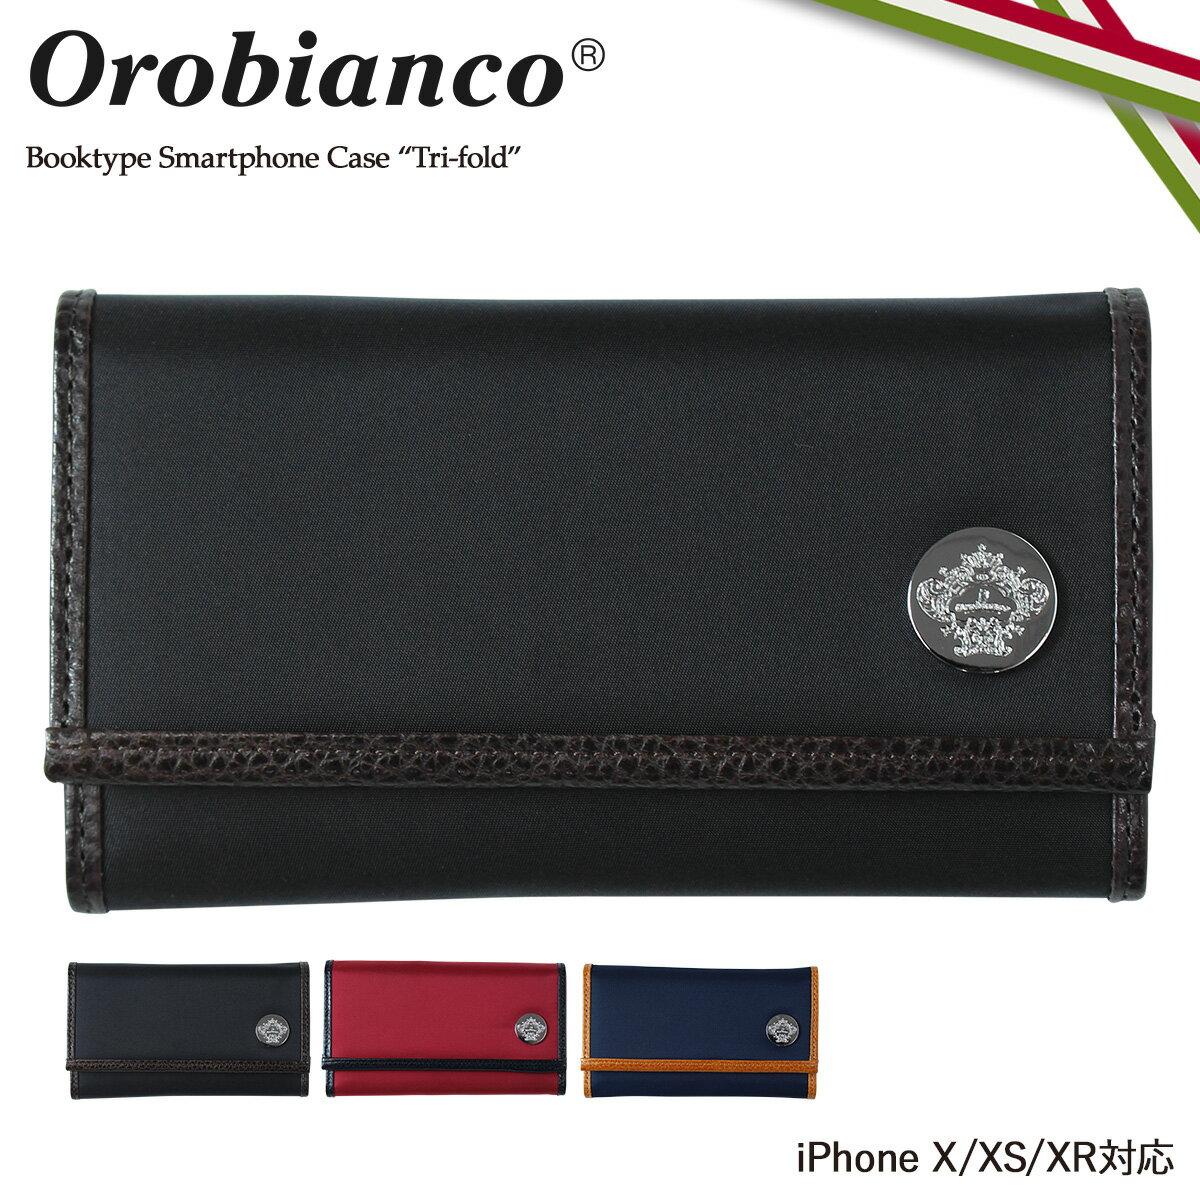 Orobianco TRI-FOLD オロビアンコ iPhone XR X XS ケース 手帳型 スマホ アイフォン レザー メンズ レディース ORIP-0005